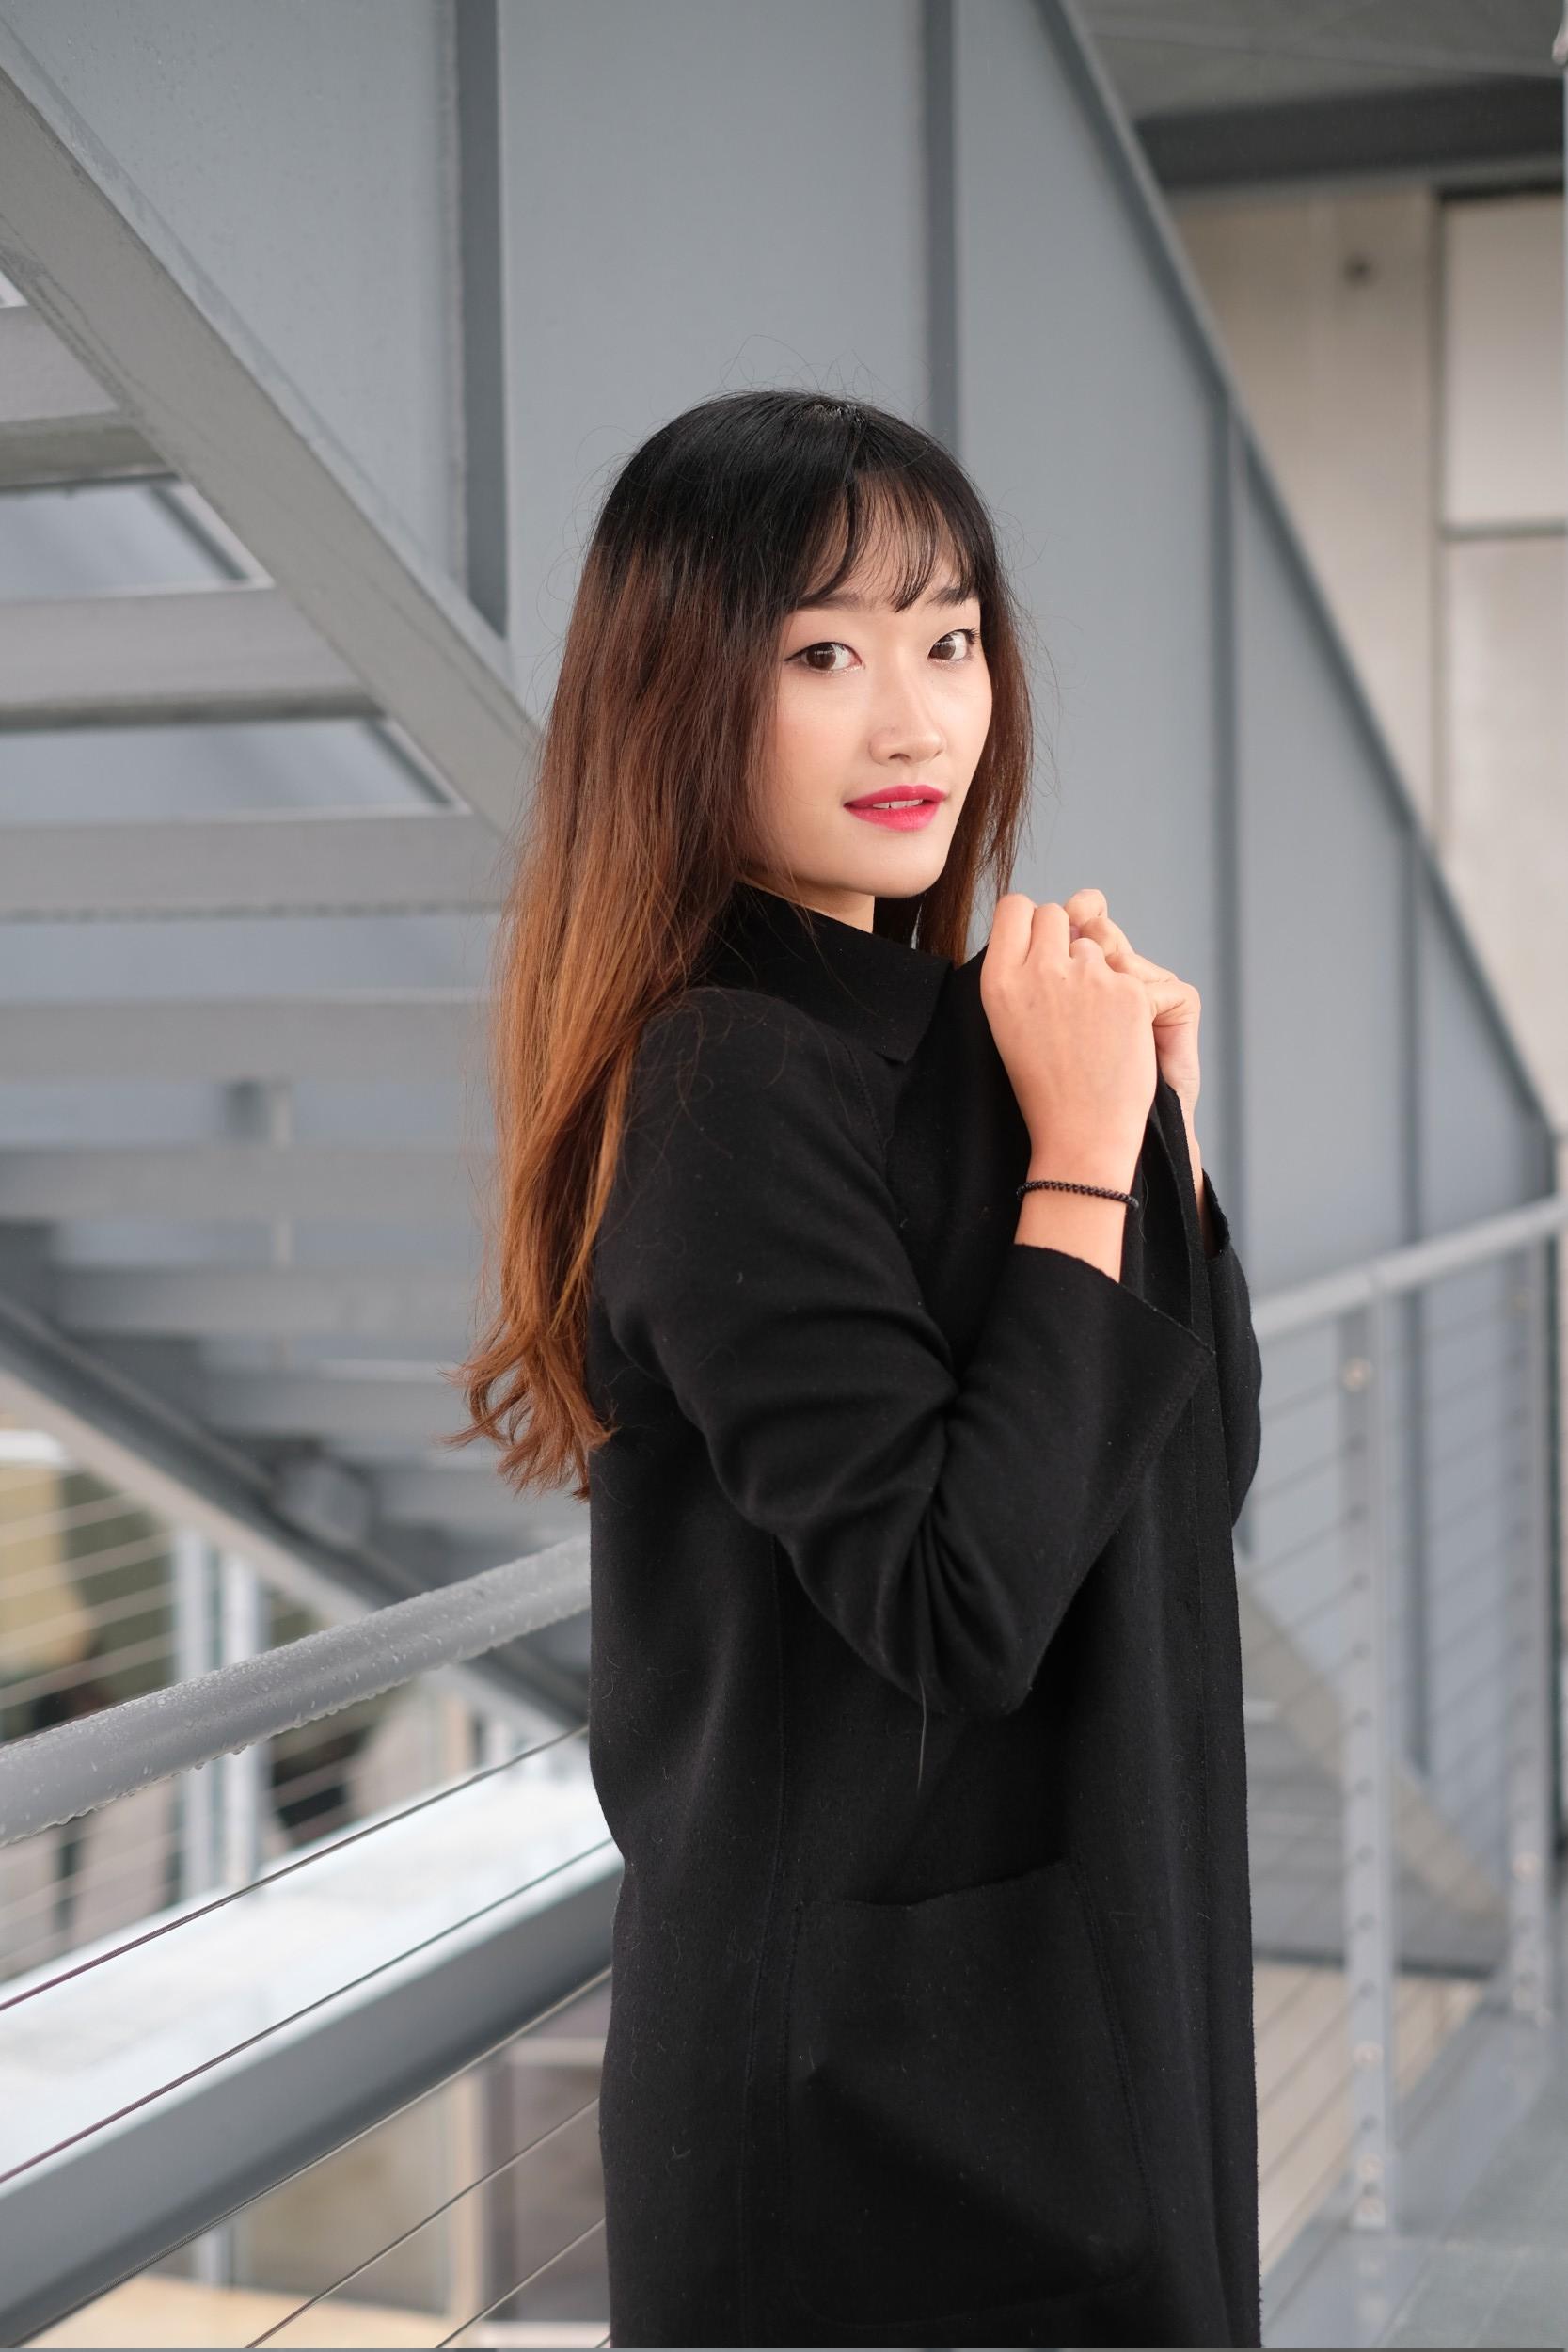 girl in black hat and coat